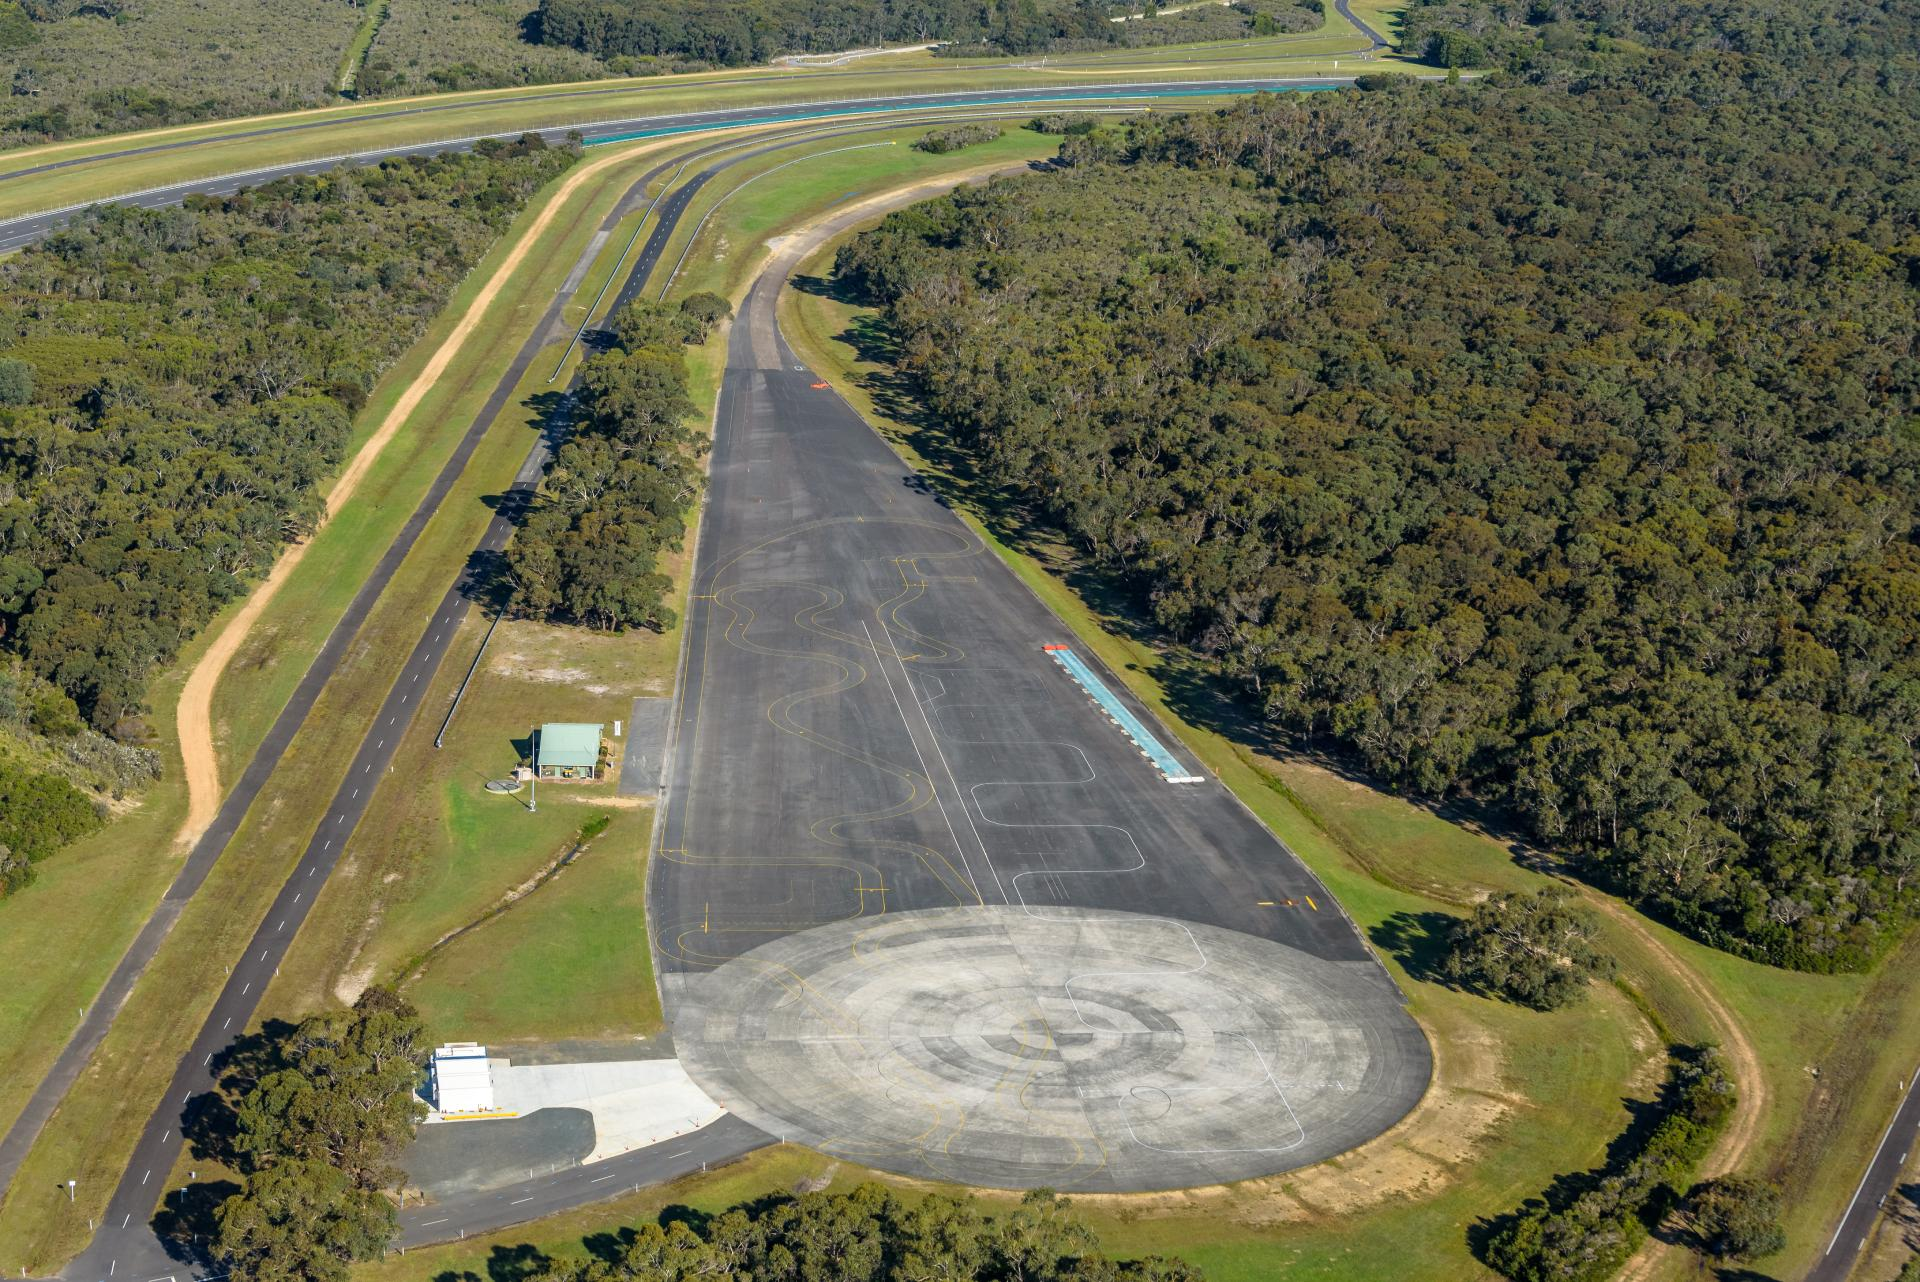 VinFast mua trung tâm thử nghiệm xe hơi của GM tại Úc, quyết tâm vươn mình ra thế giới